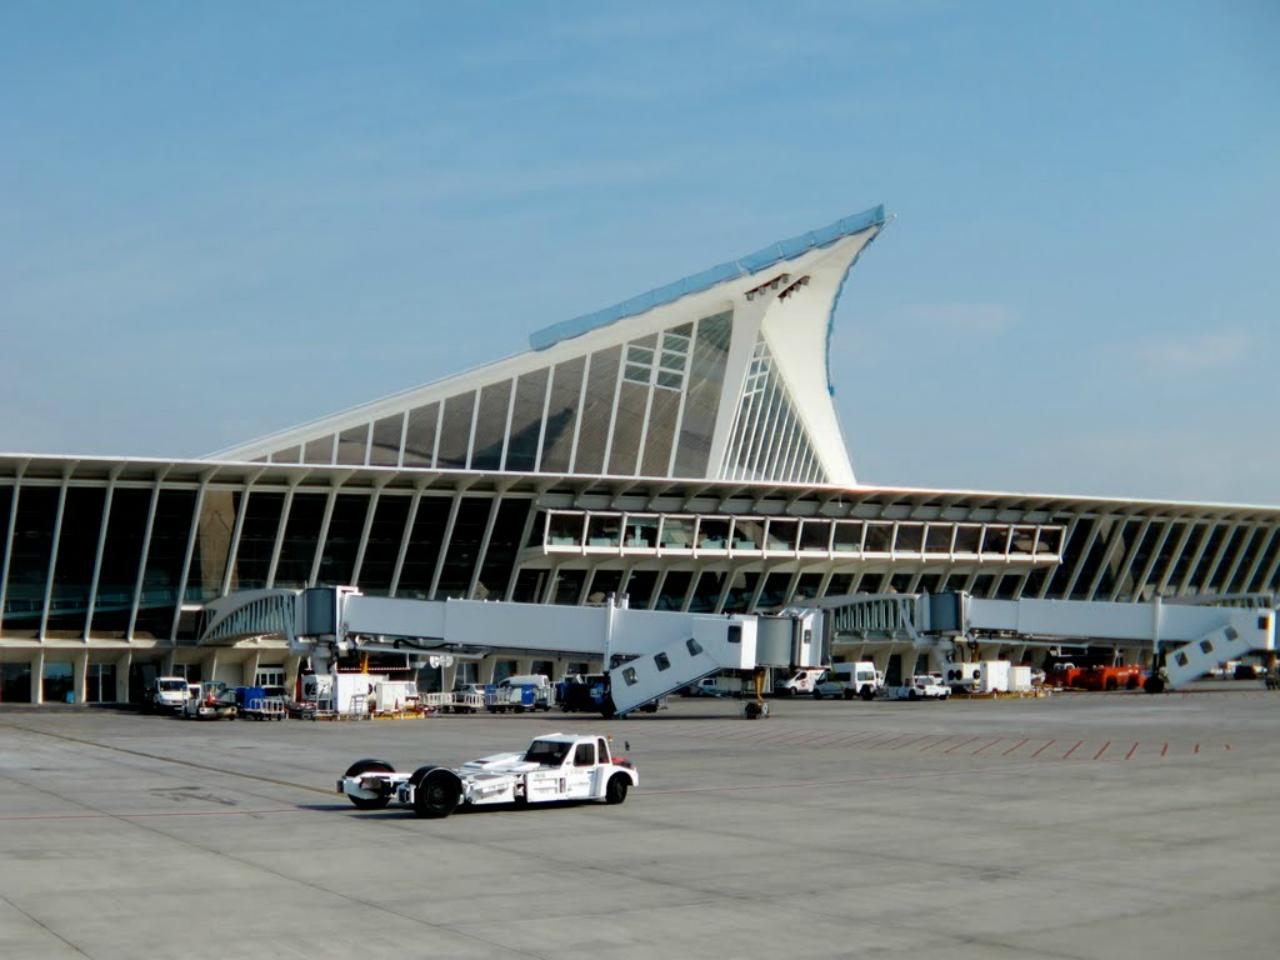 Enhorabuena a María, Alexandra y Dana por conseguir un puesto de trabajo como auxiliar de vuelo TCP en Alicante